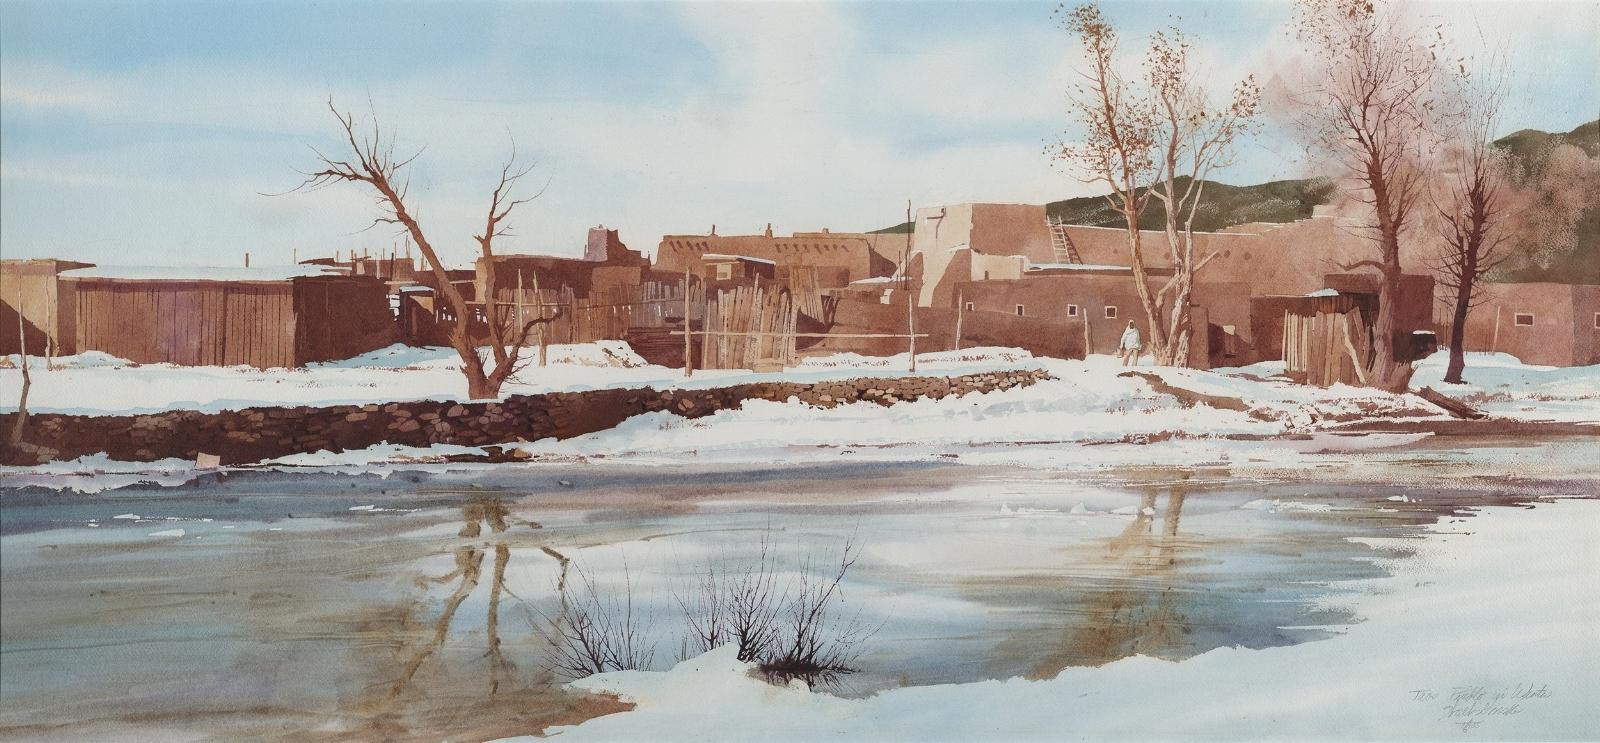 Taos Pueblo Winter